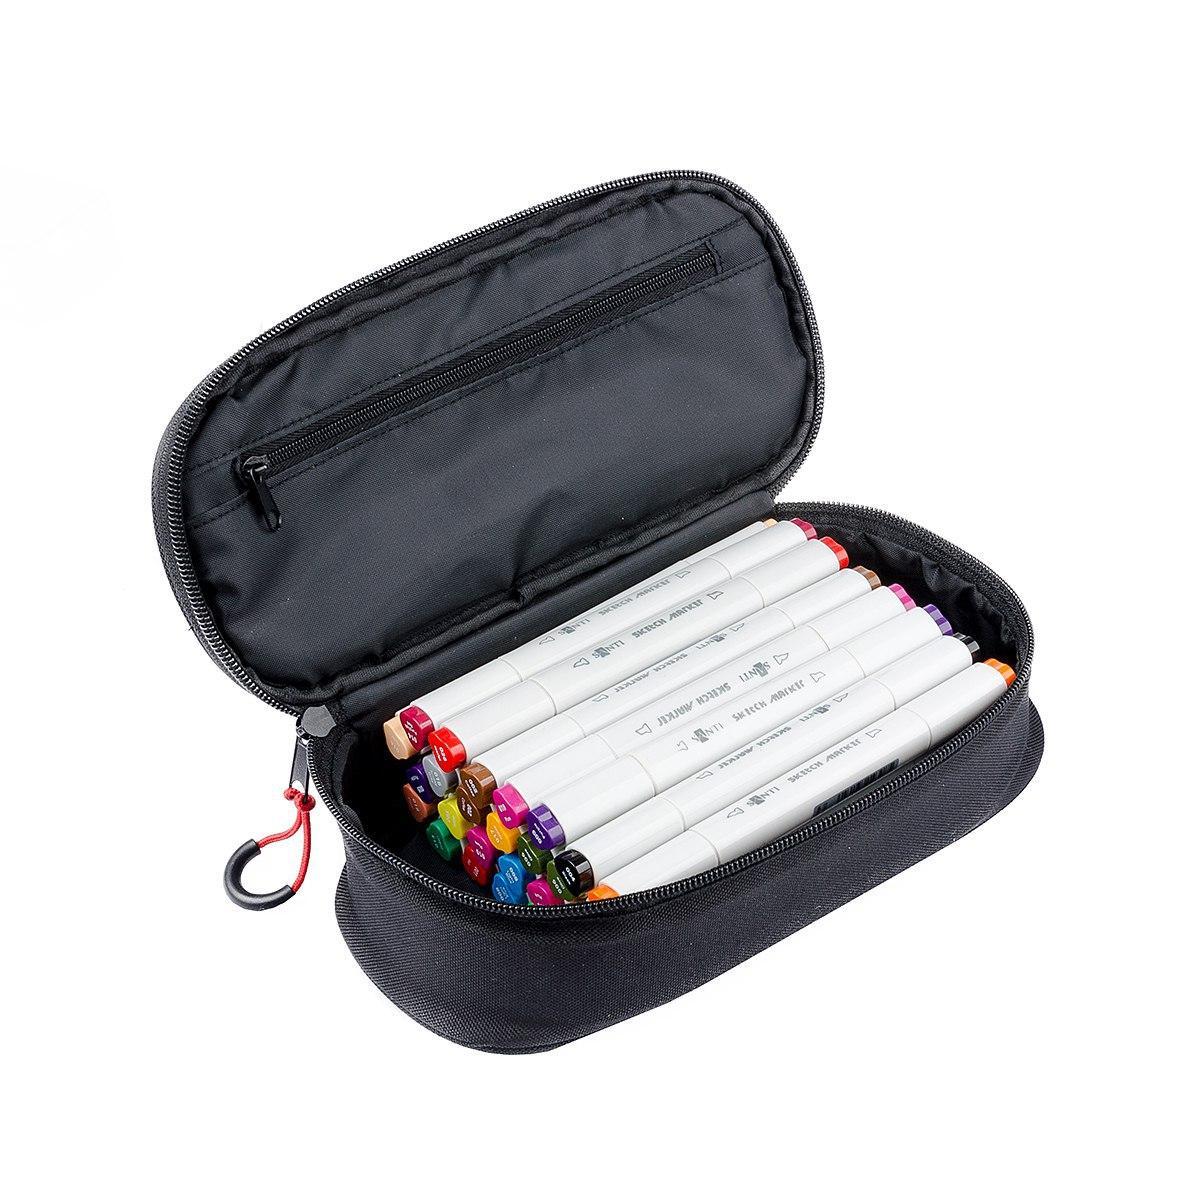 Набор скетч-маркеров 18 шт. в фирменном пенале Santi (лучше чем TOUCH) (390597)